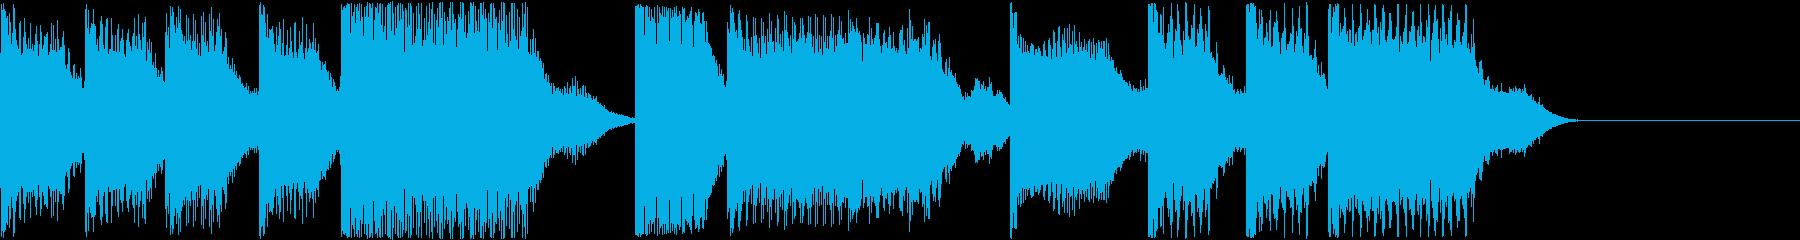 AI メカ/ロボ/マシン動作音 17の再生済みの波形